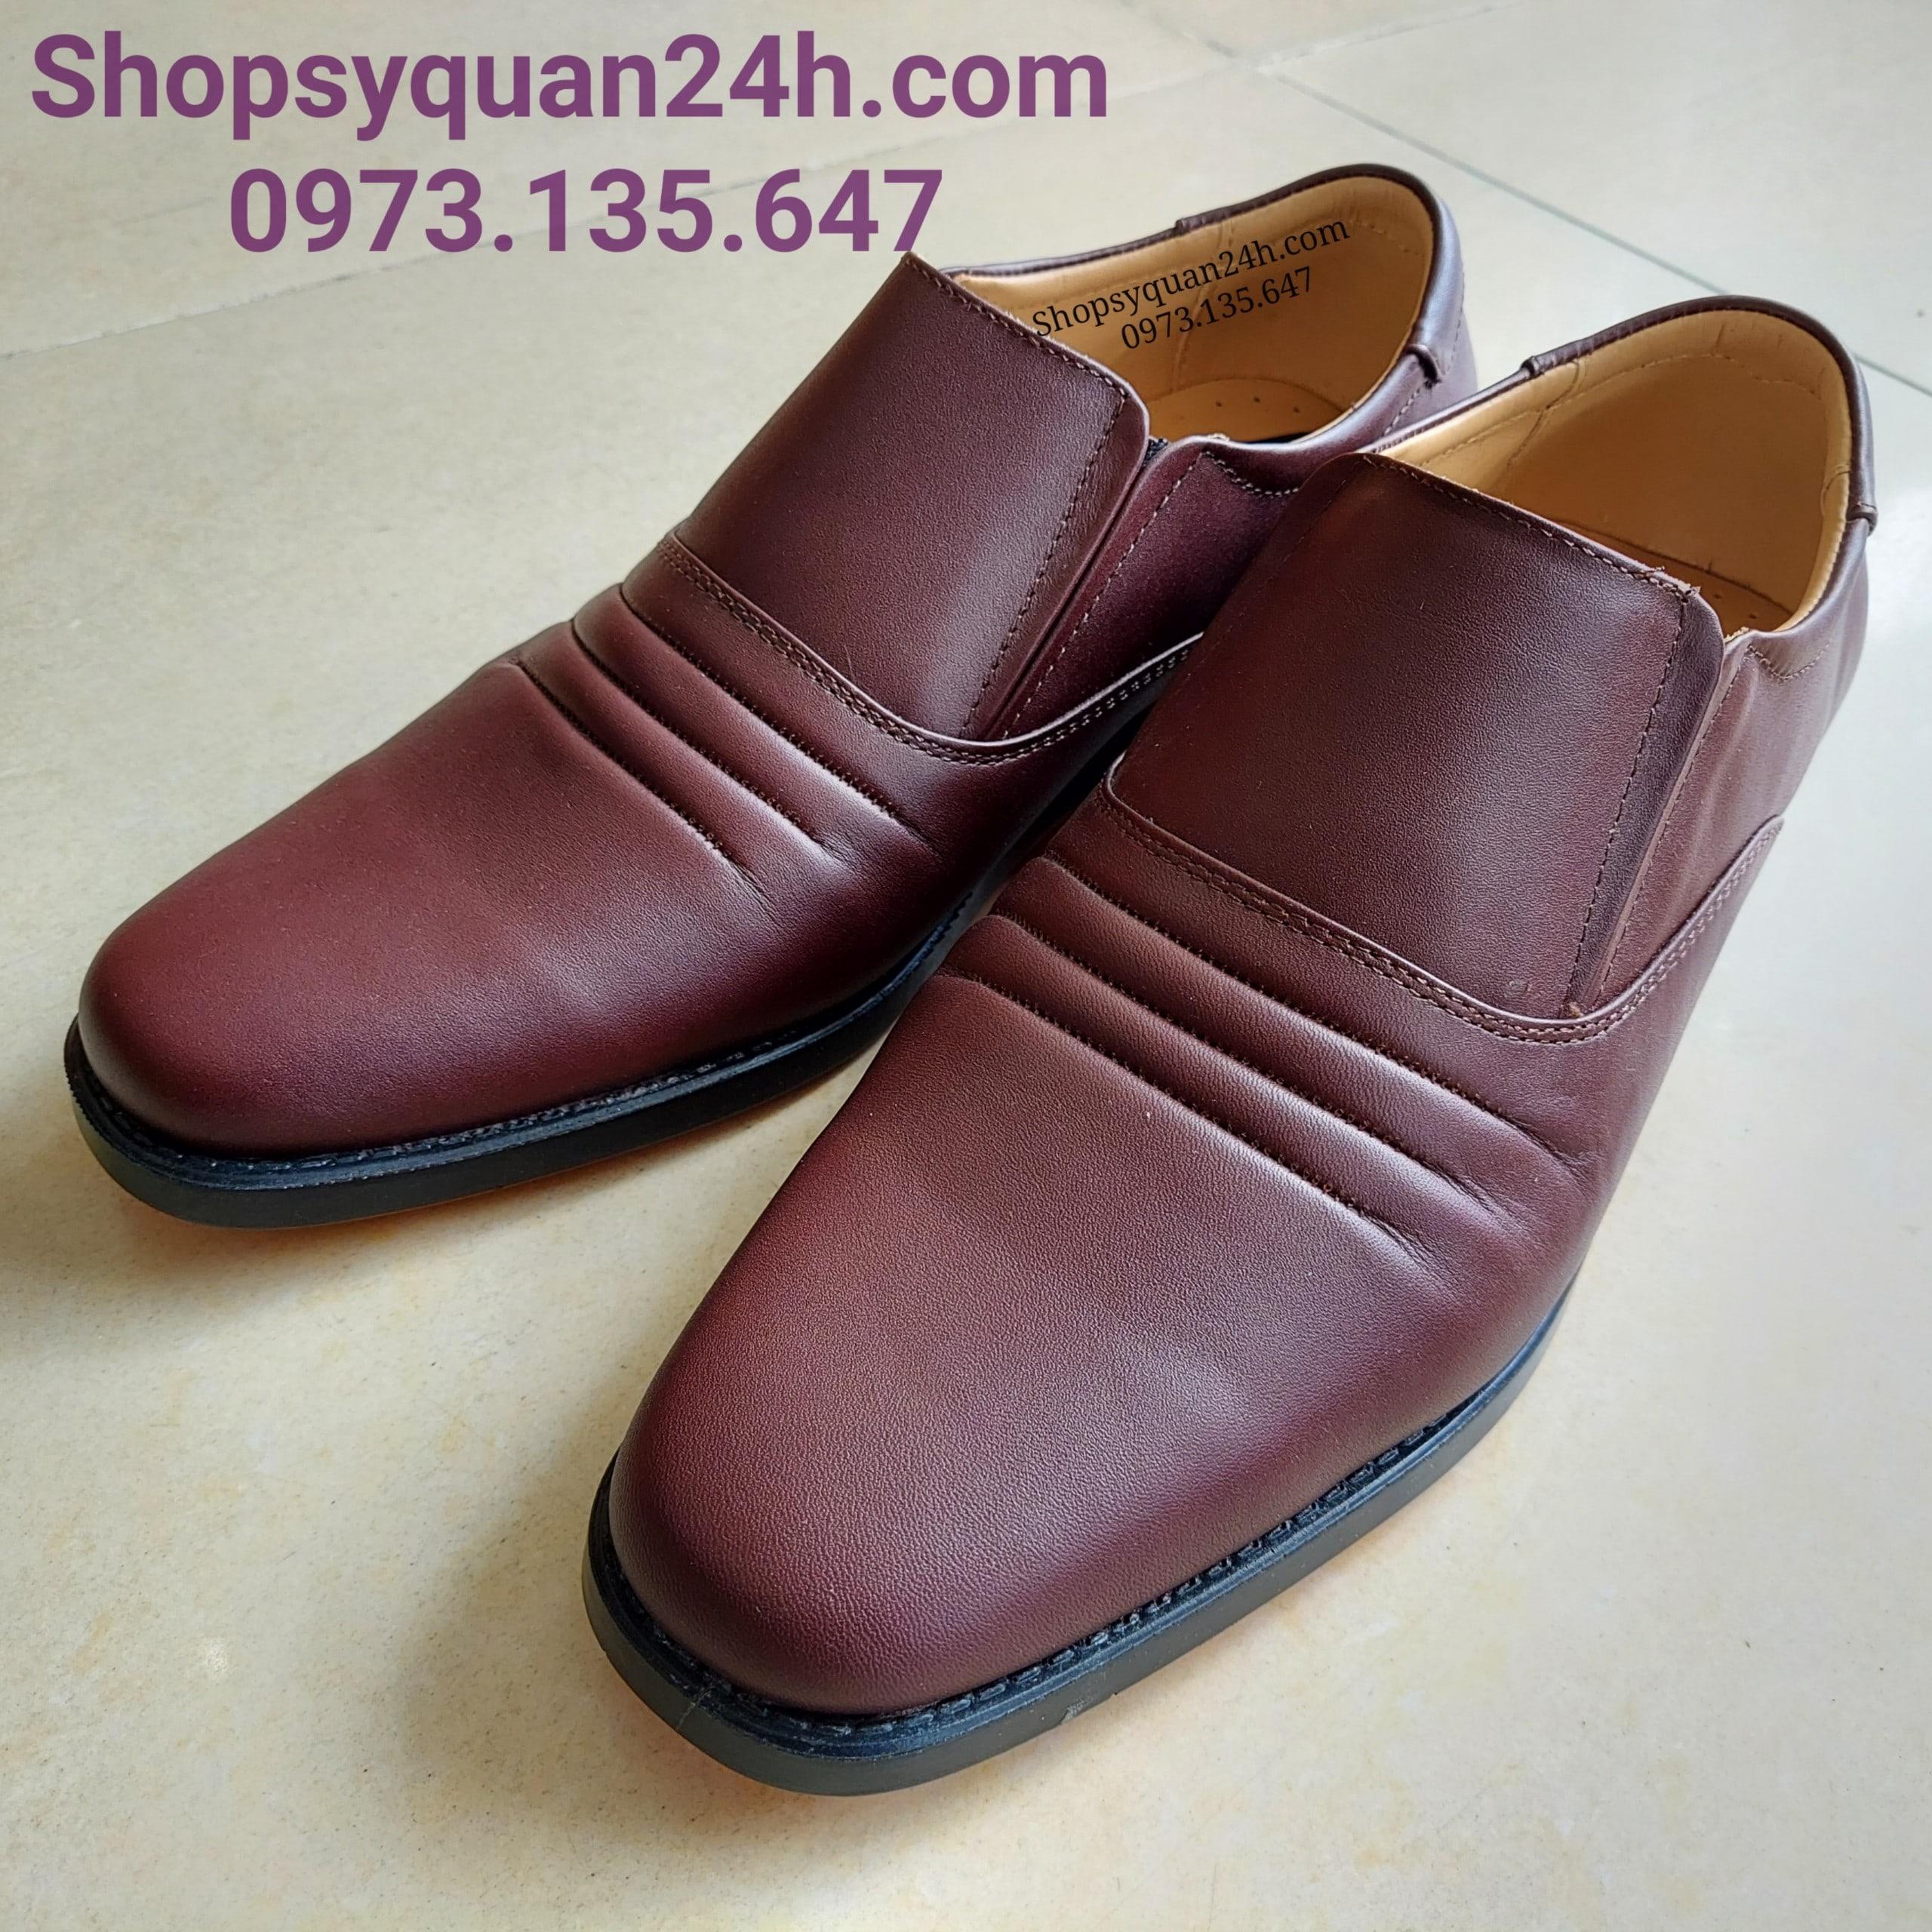 Giày Da Công Sở 3 Sọc Mã 32-FFM-714 (NÂU)